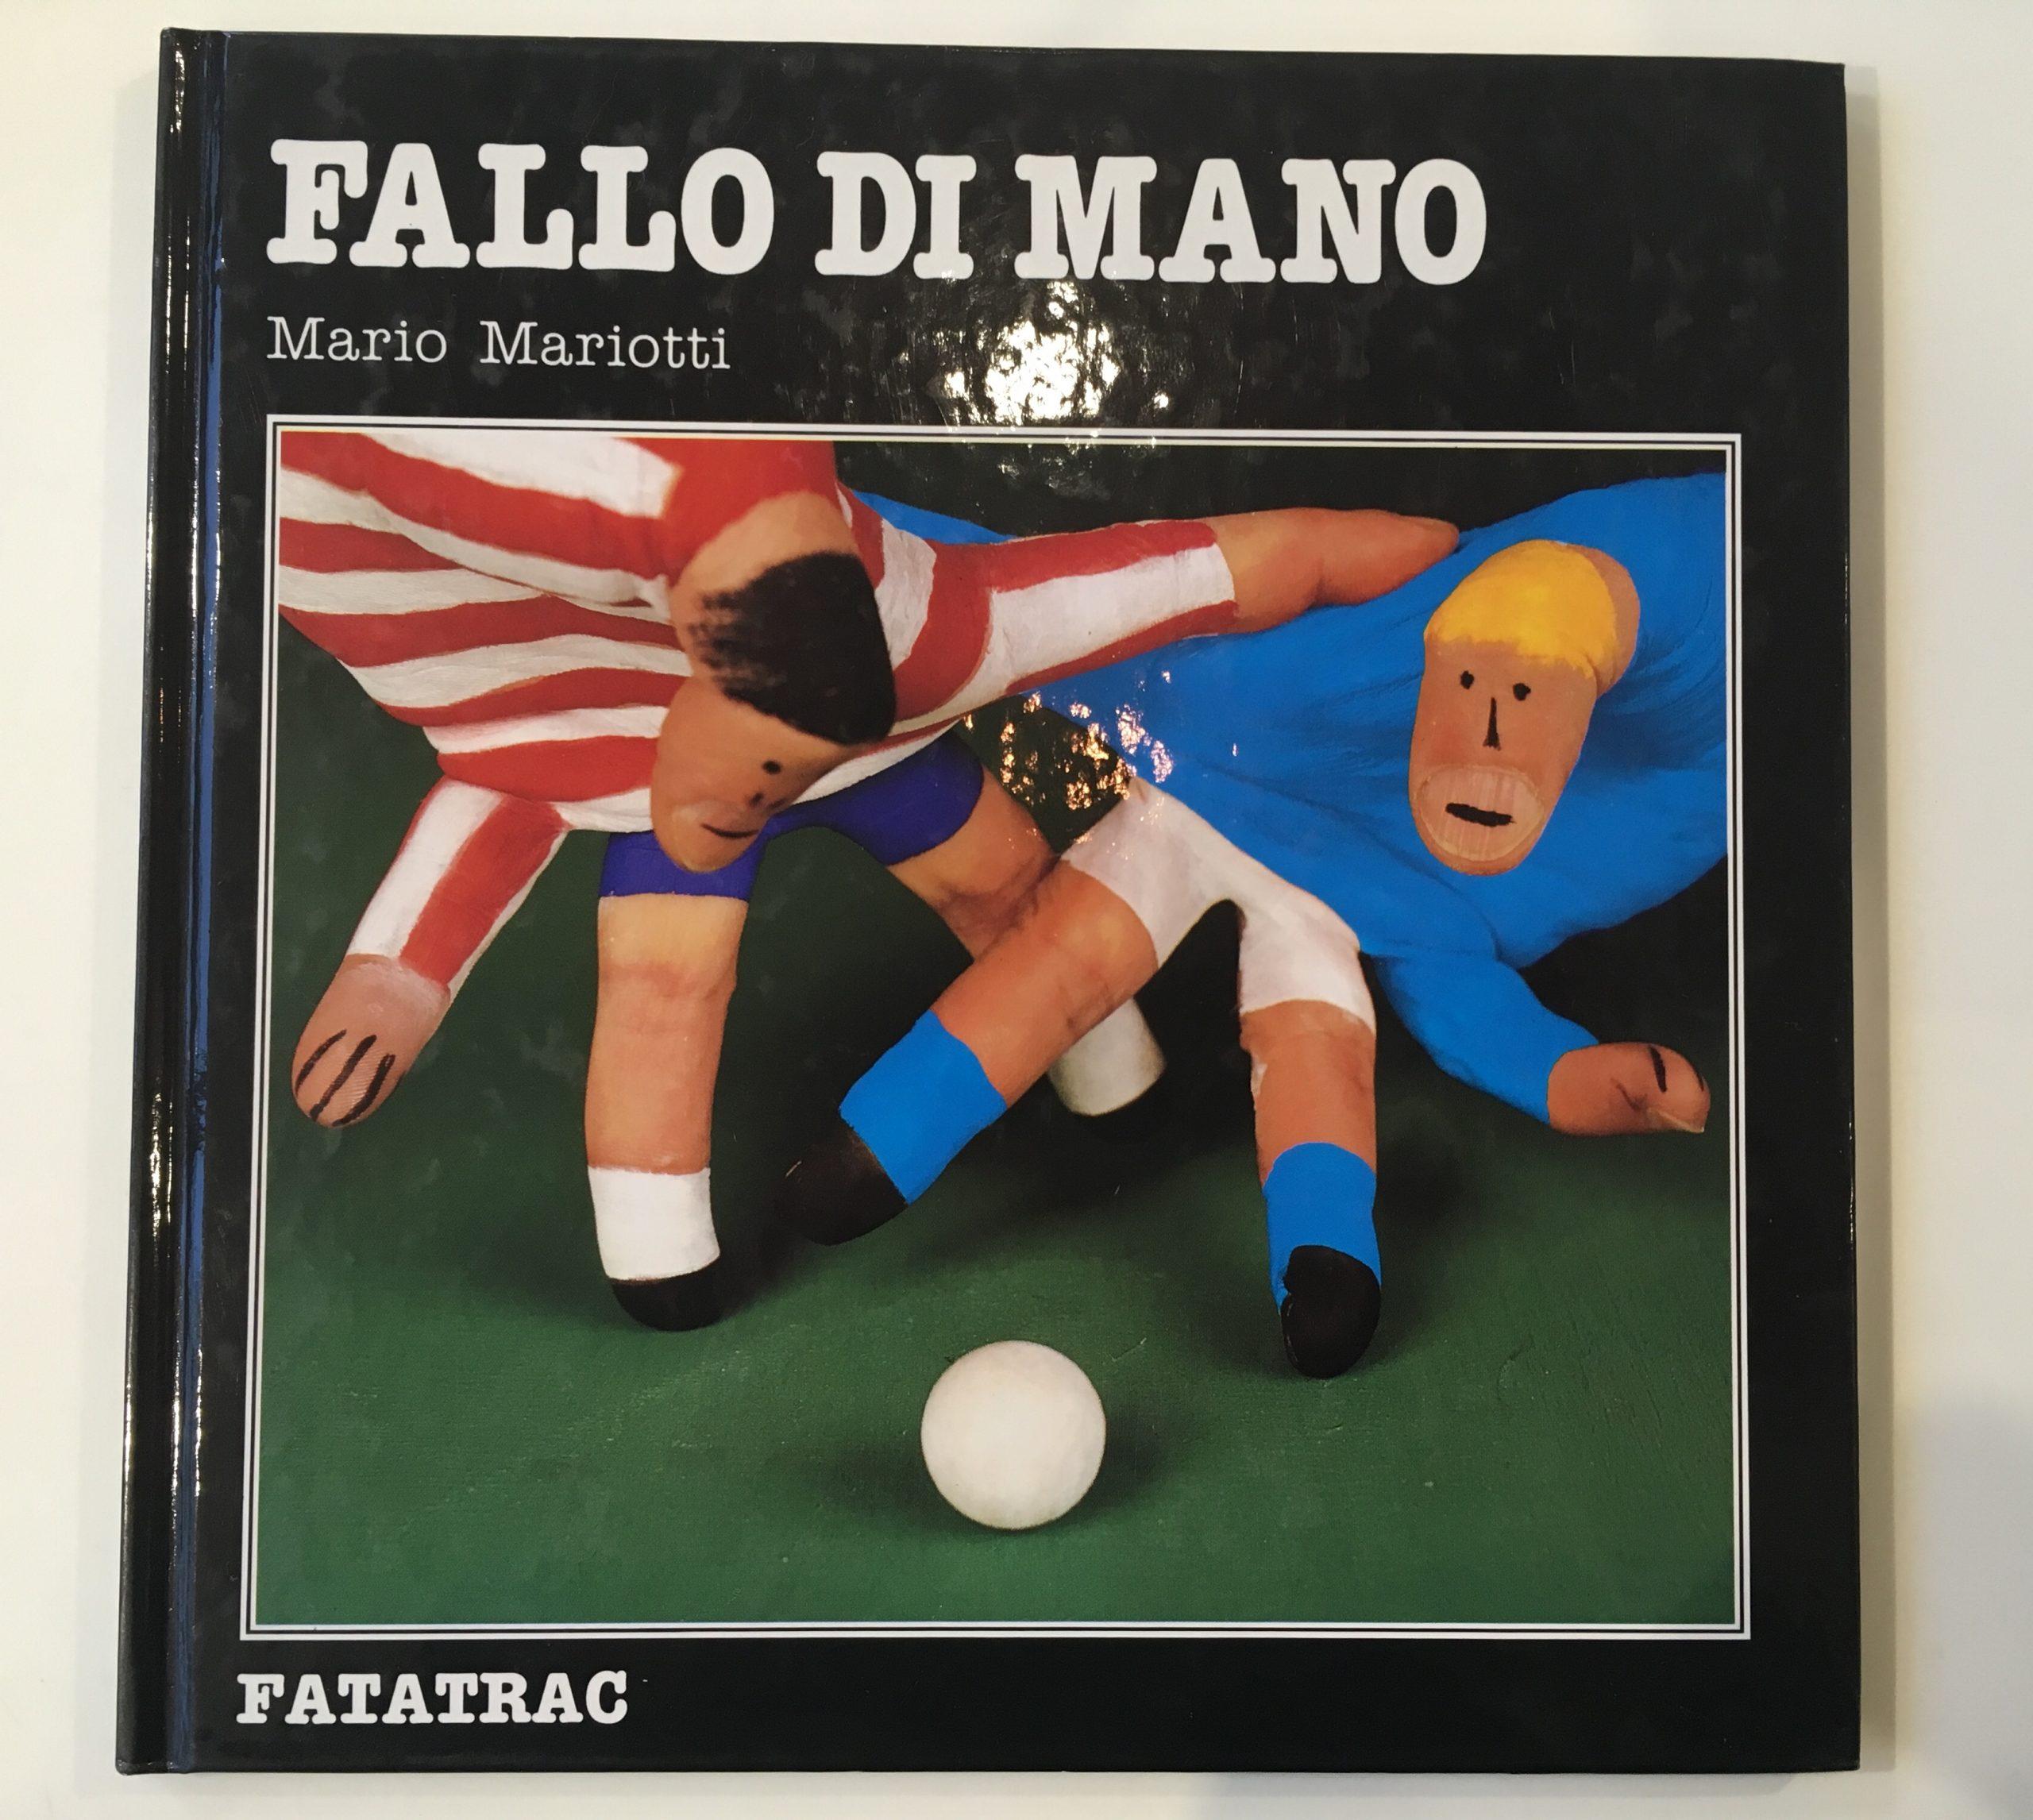 FALLO DI MANO / マリオ・マリオッティ(1990年)